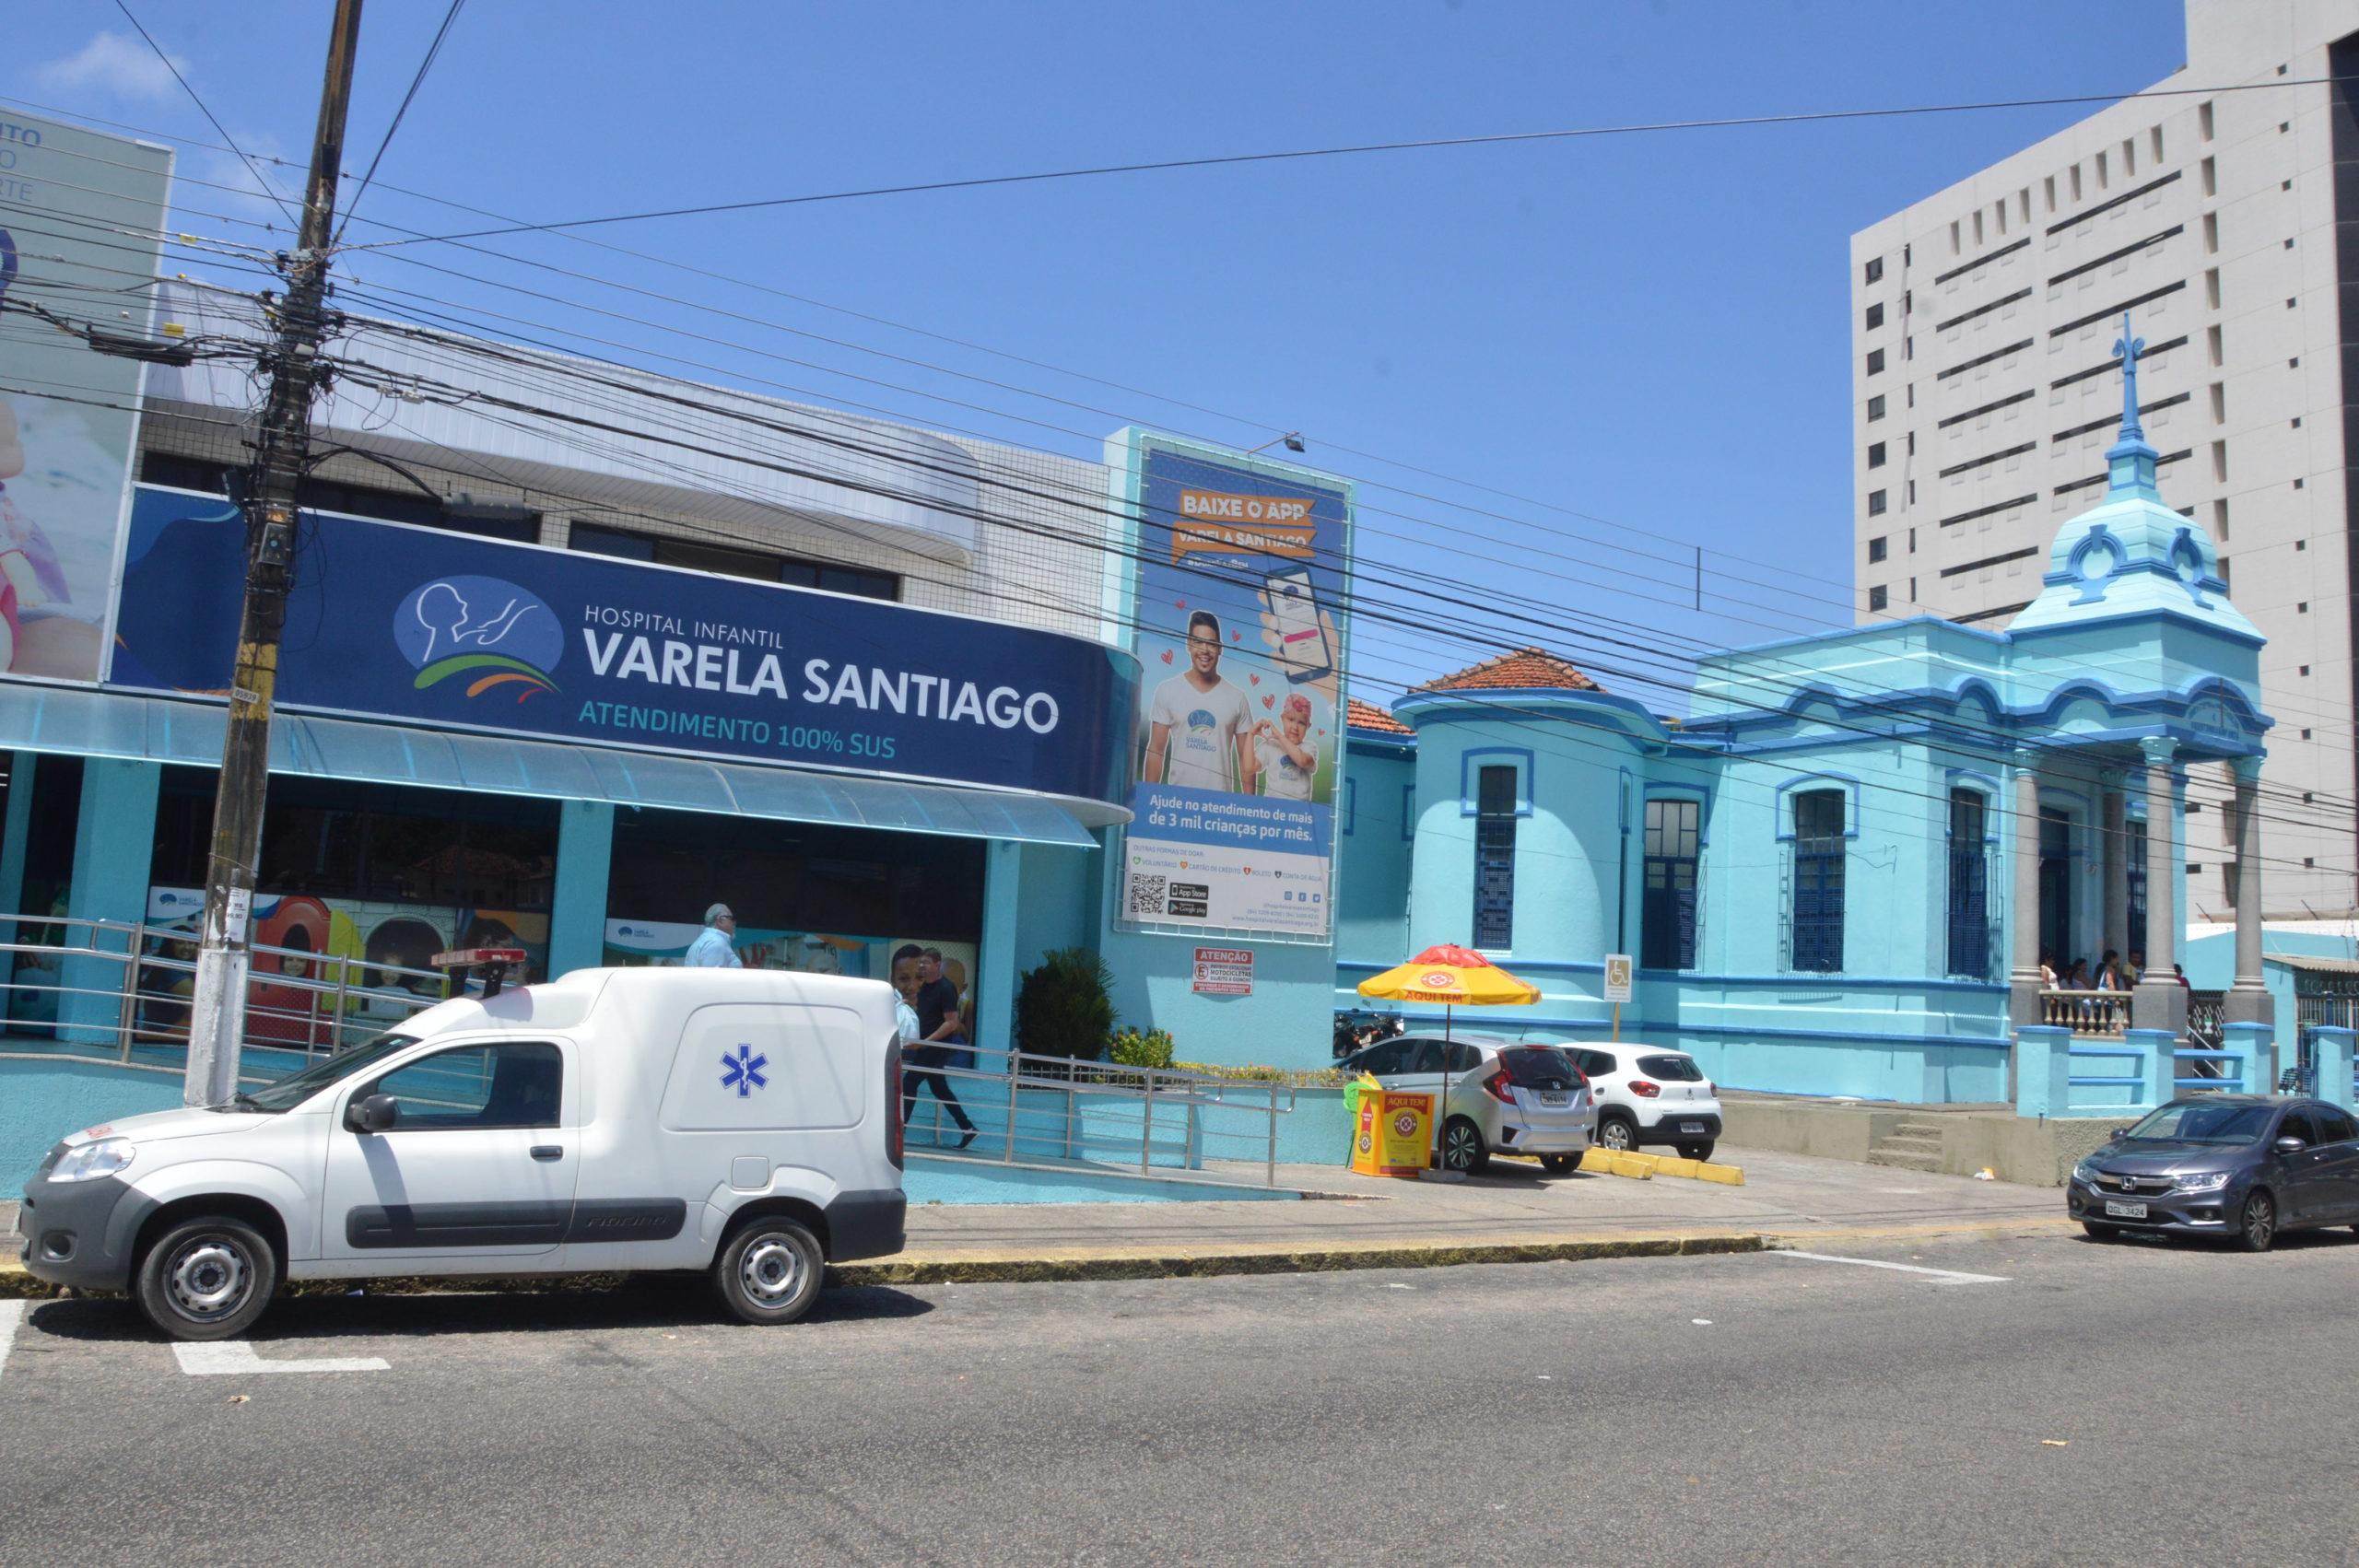 Hospital Infantil Varela Santiago 16 scaled